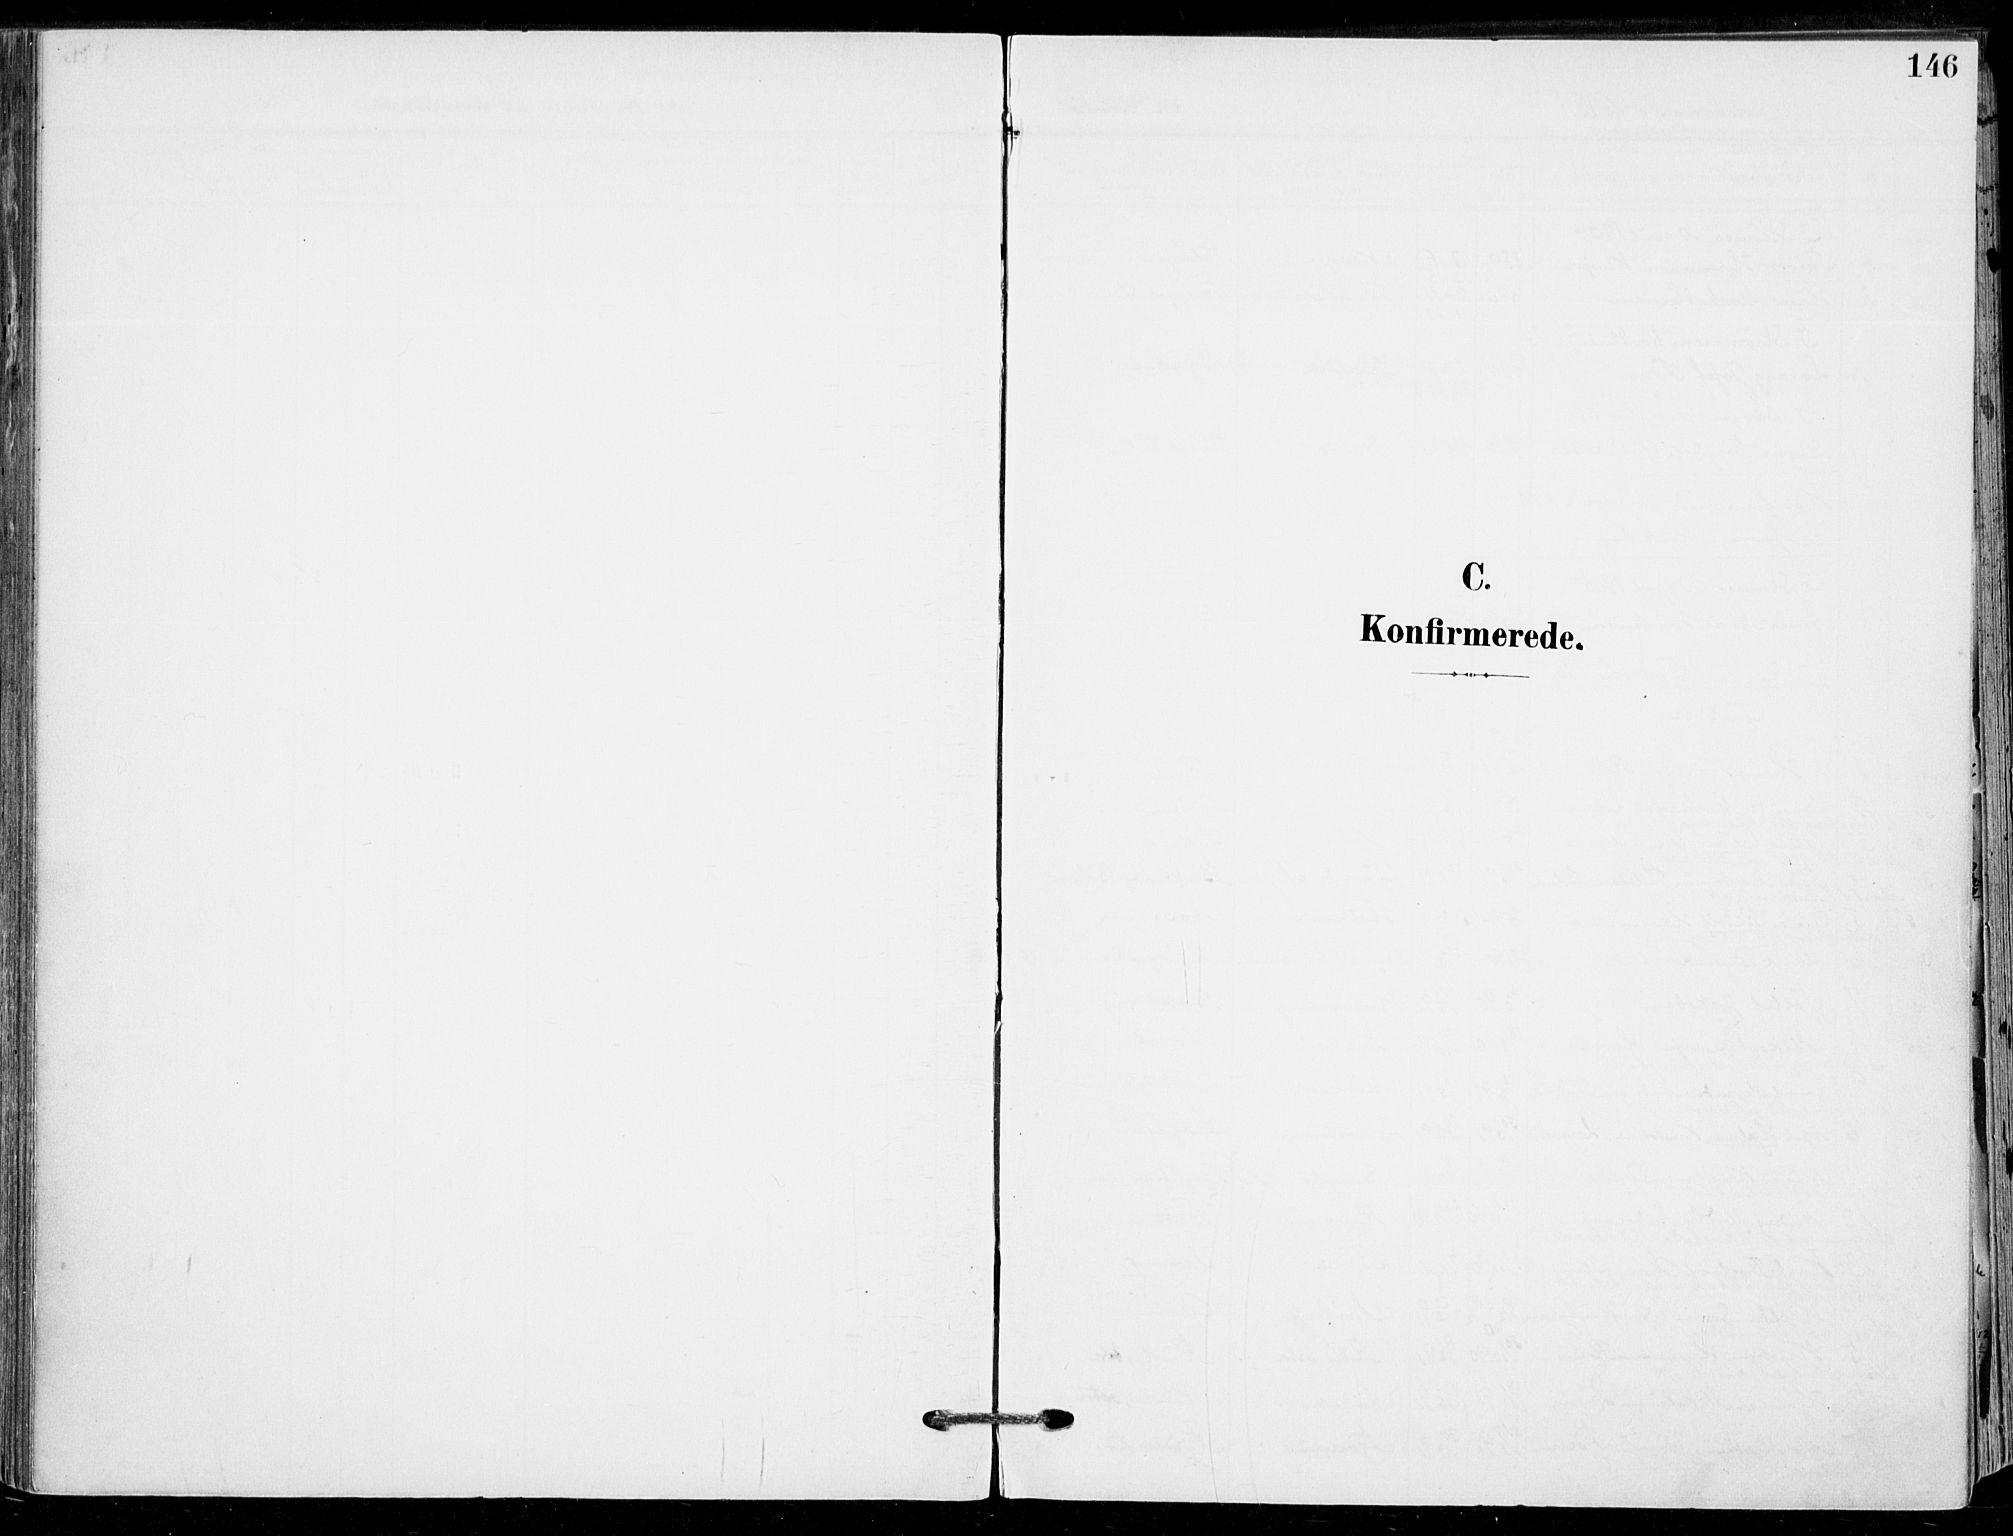 SAKO, Sande Kirkebøker, F/Fa/L0008: Ministerialbok nr. 8, 1904-1921, s. 146